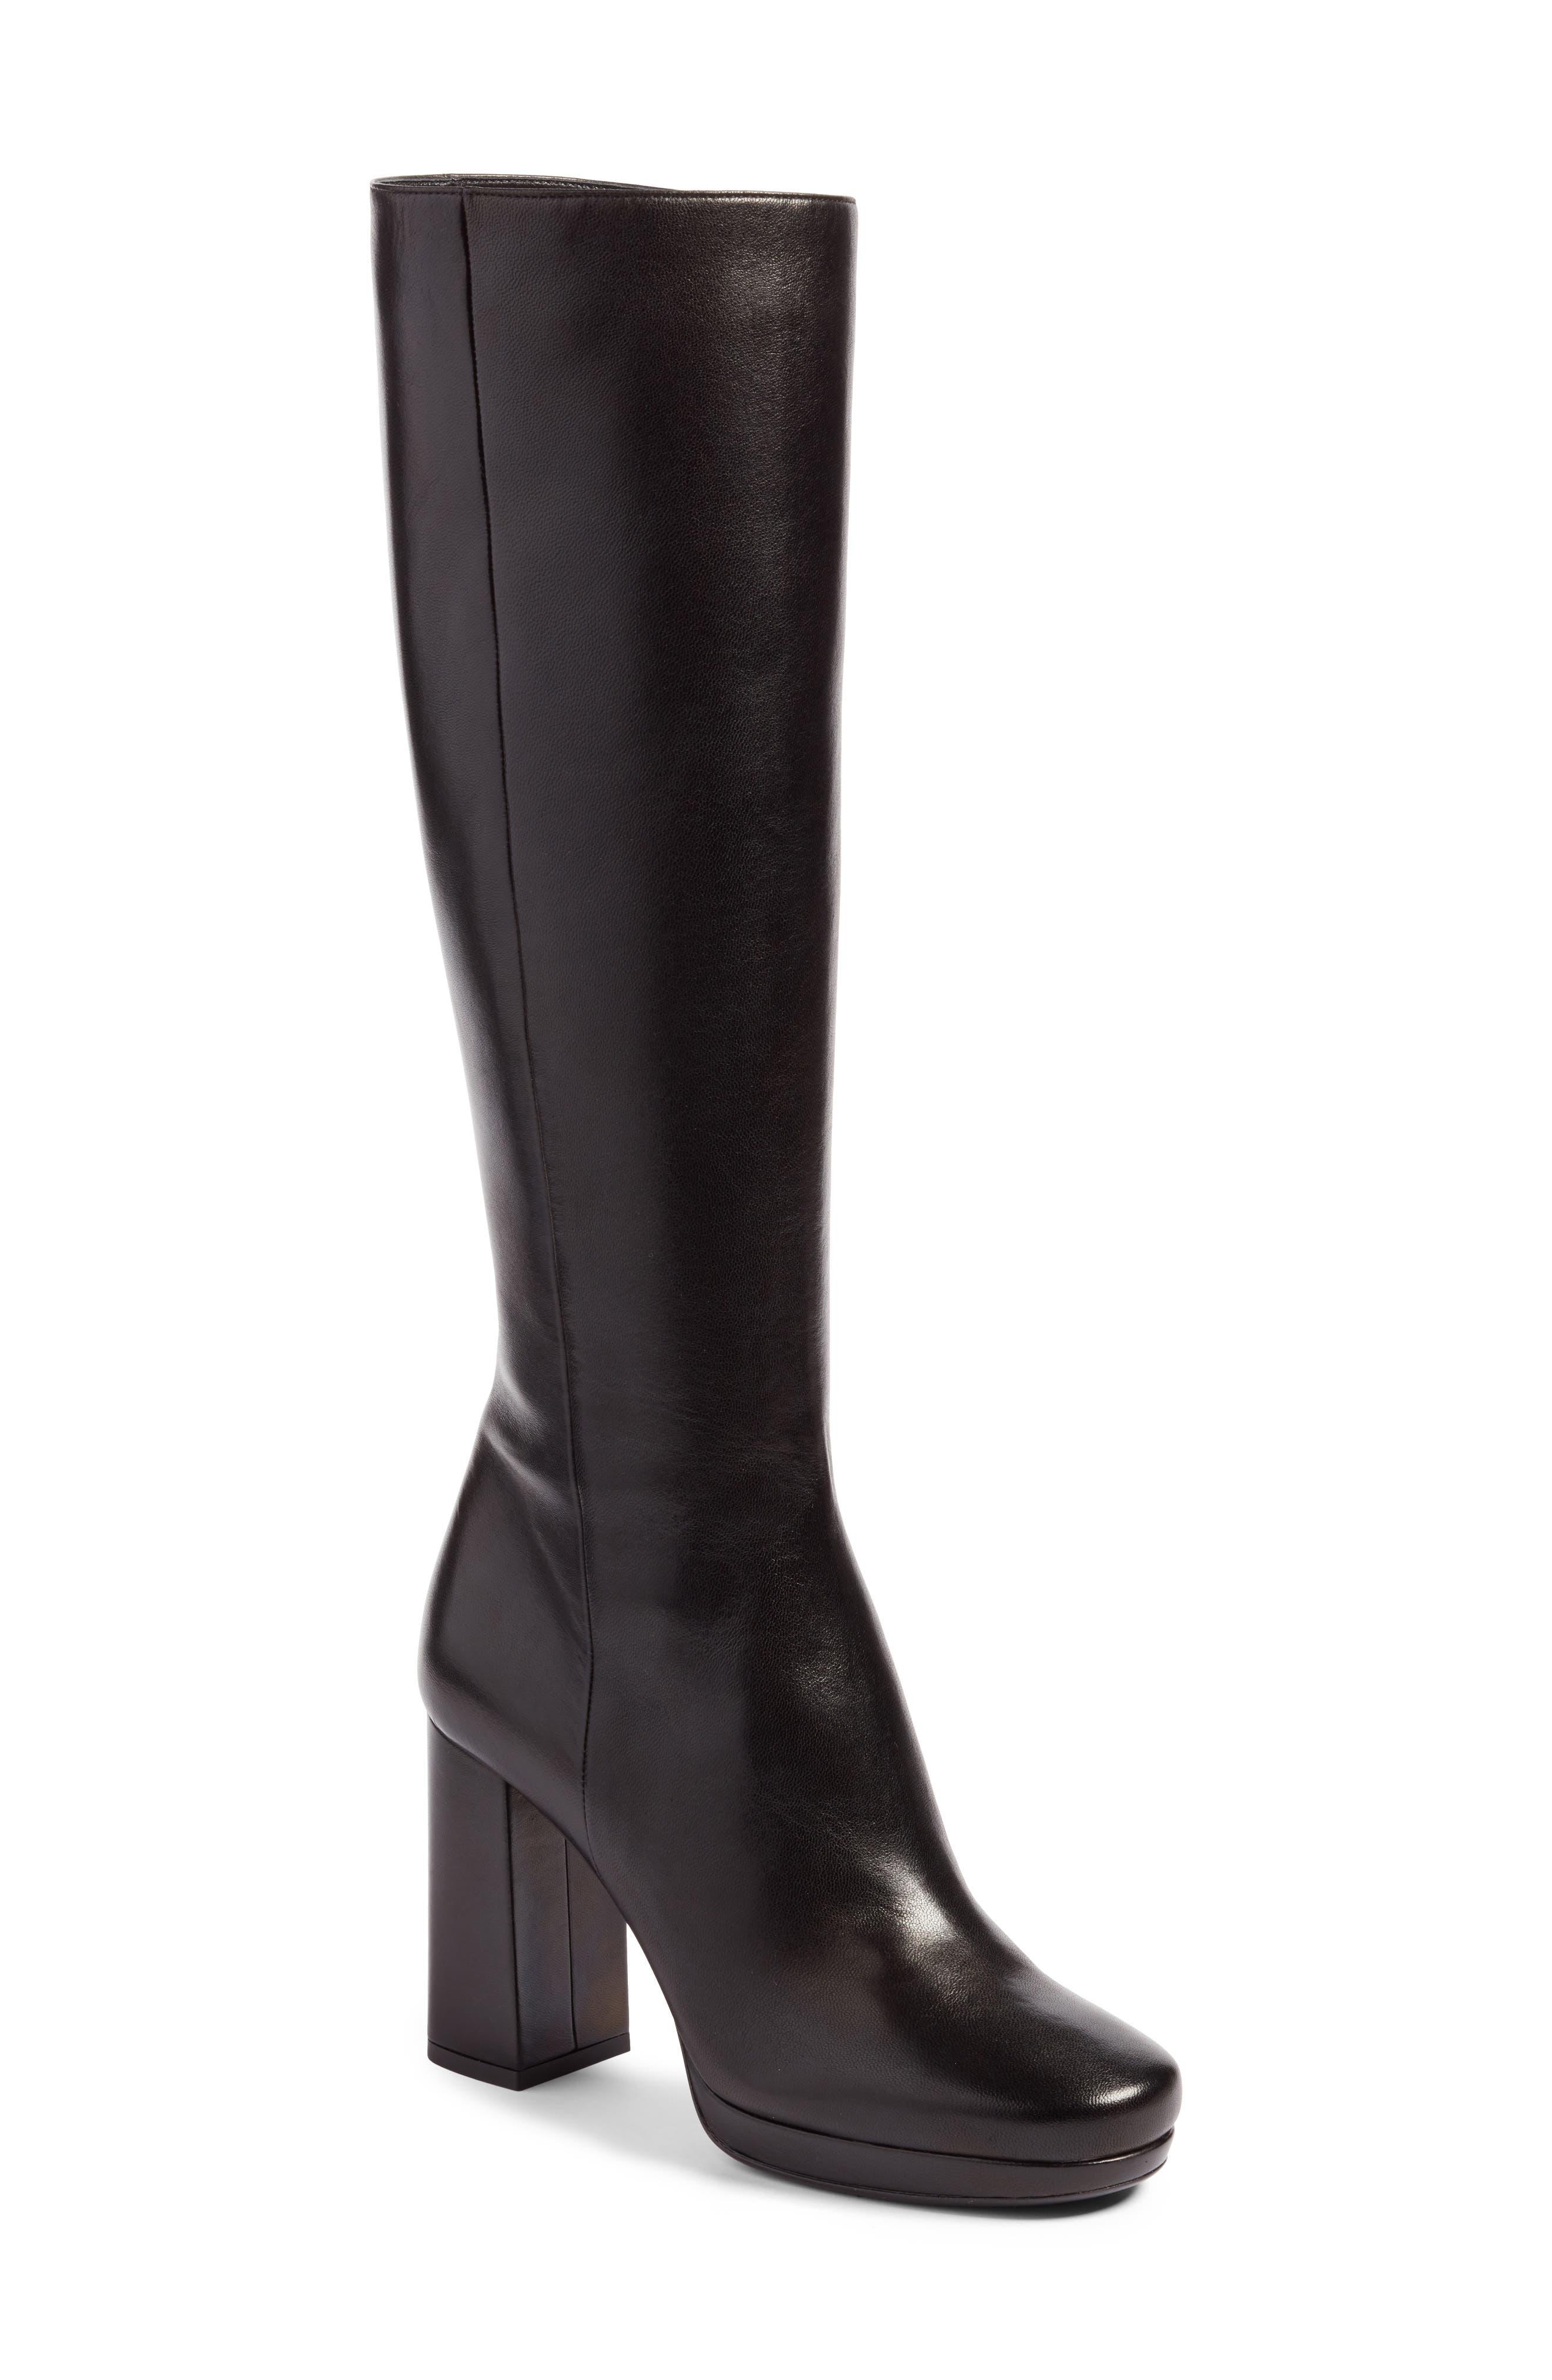 Alternate Image 1 Selected - Prada Block Heel Tall Boot (Women)